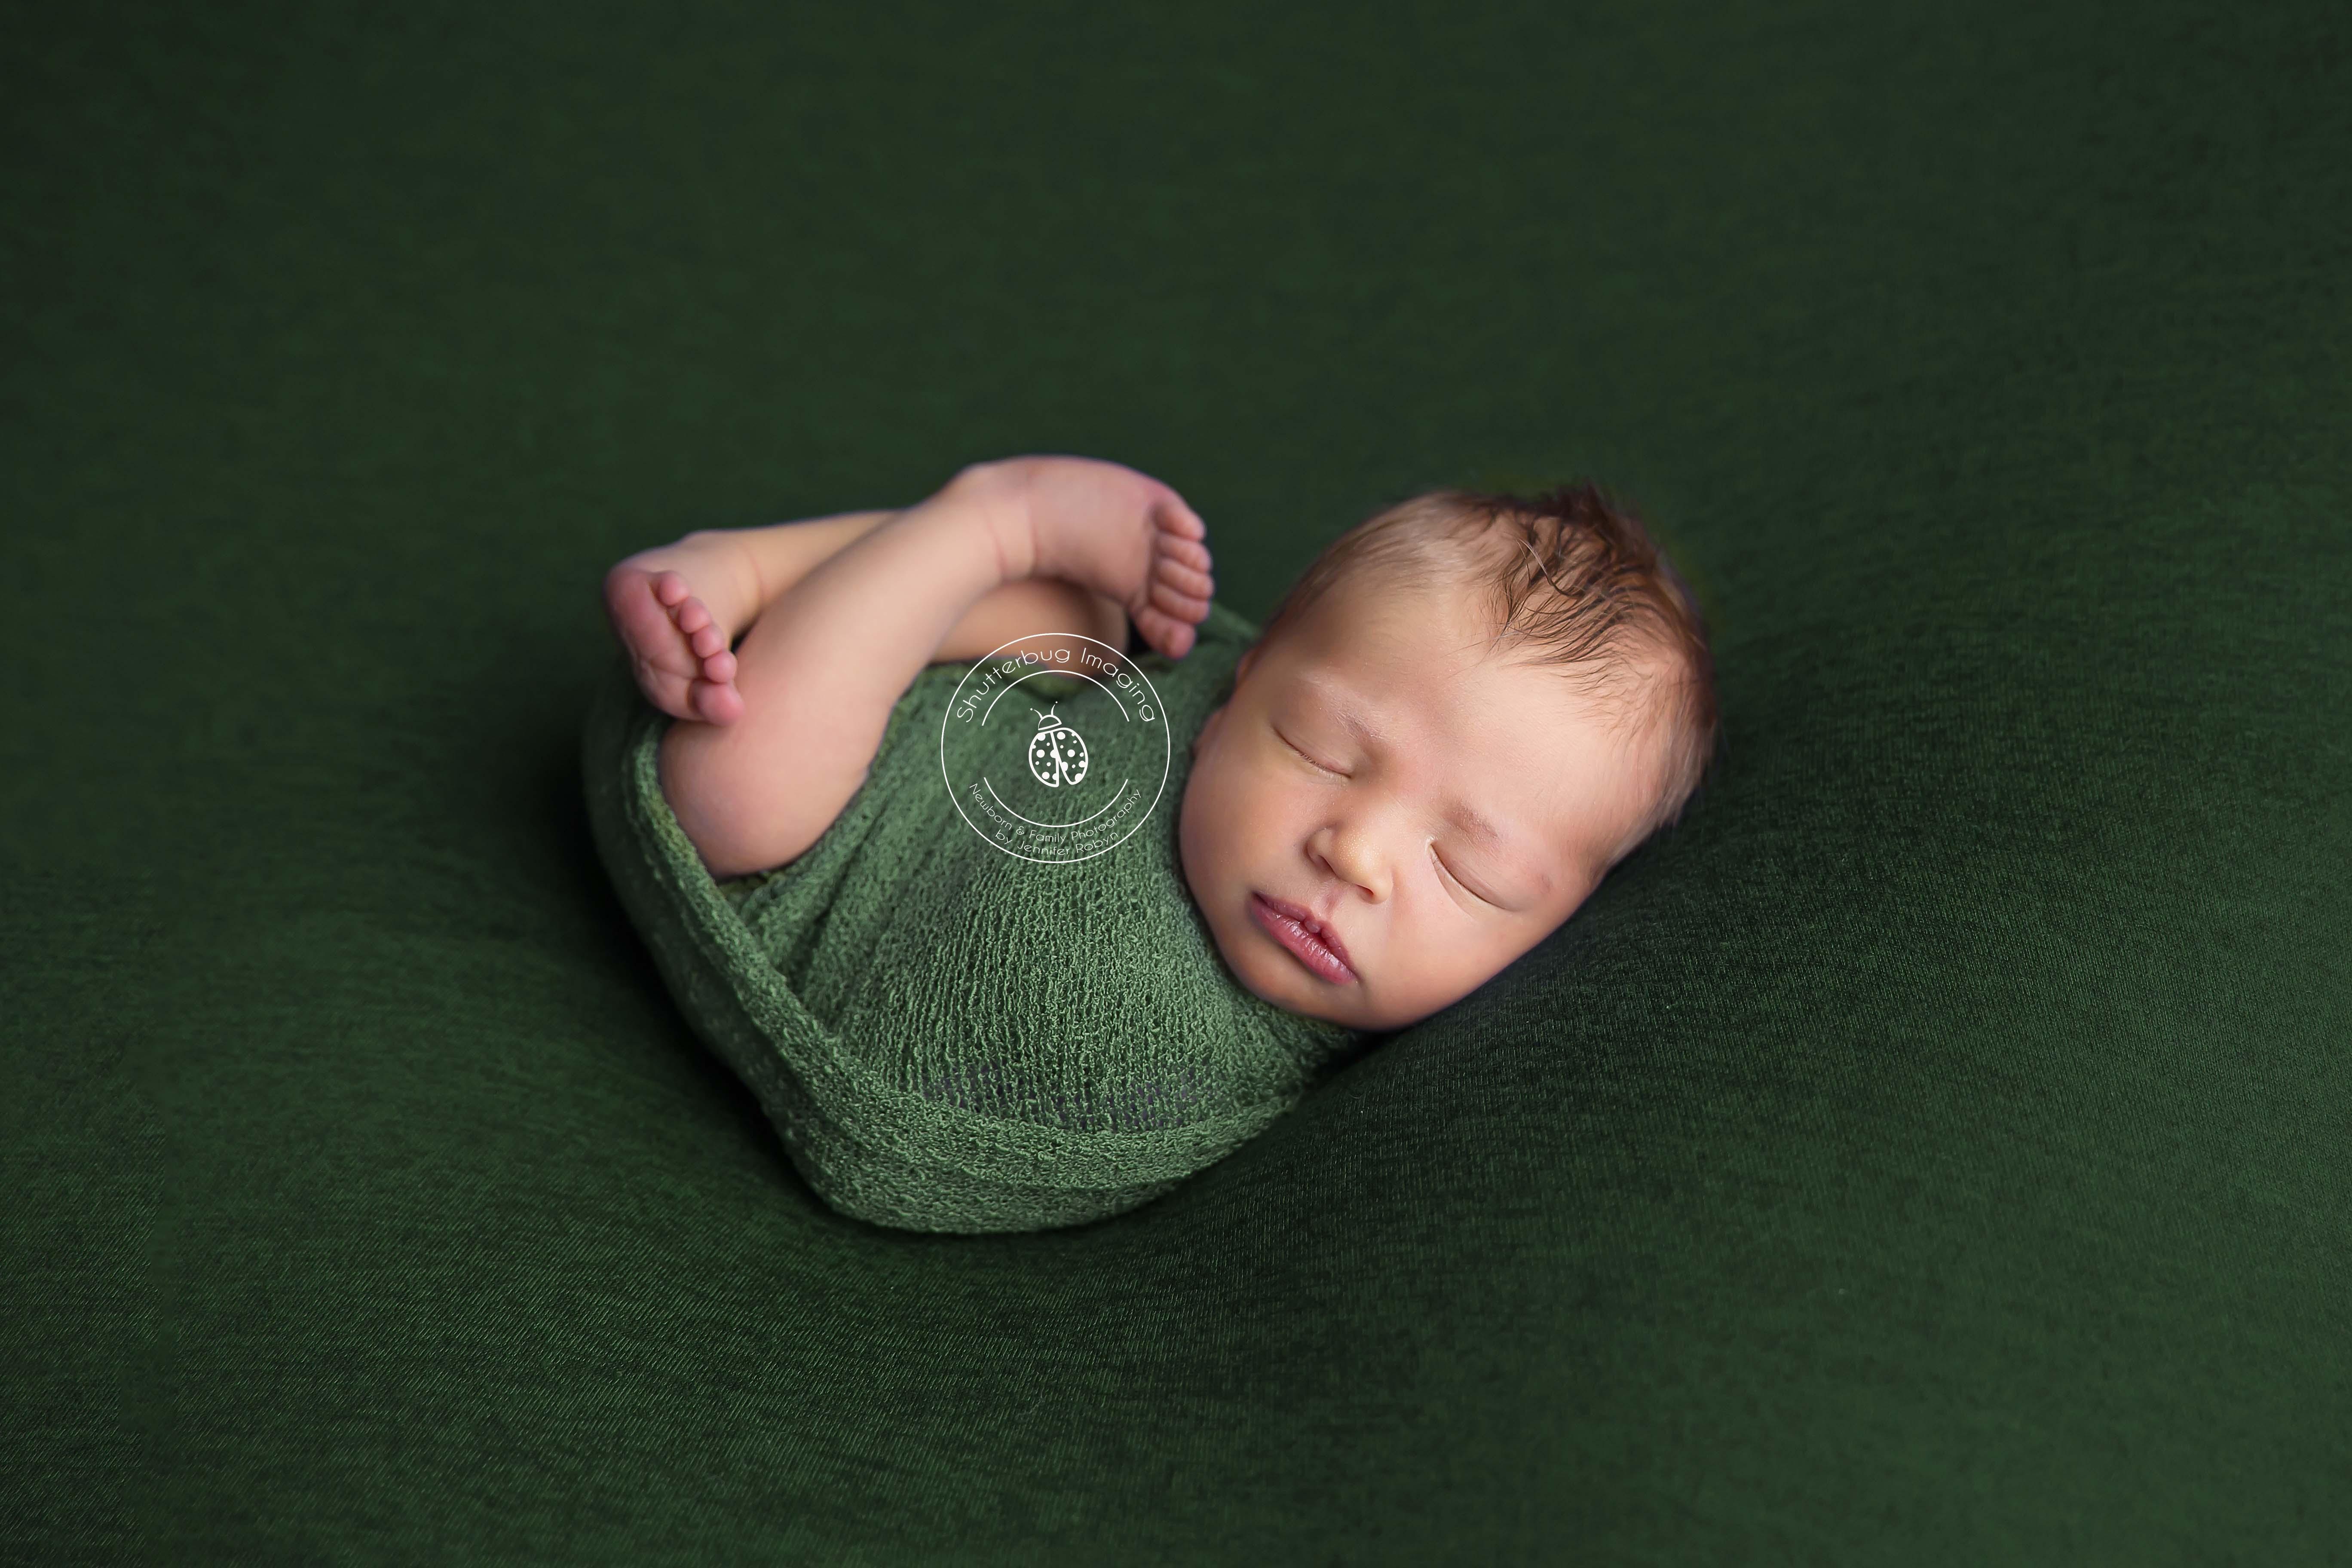 Newborn photography durham region clarington gta shutterbug imaging